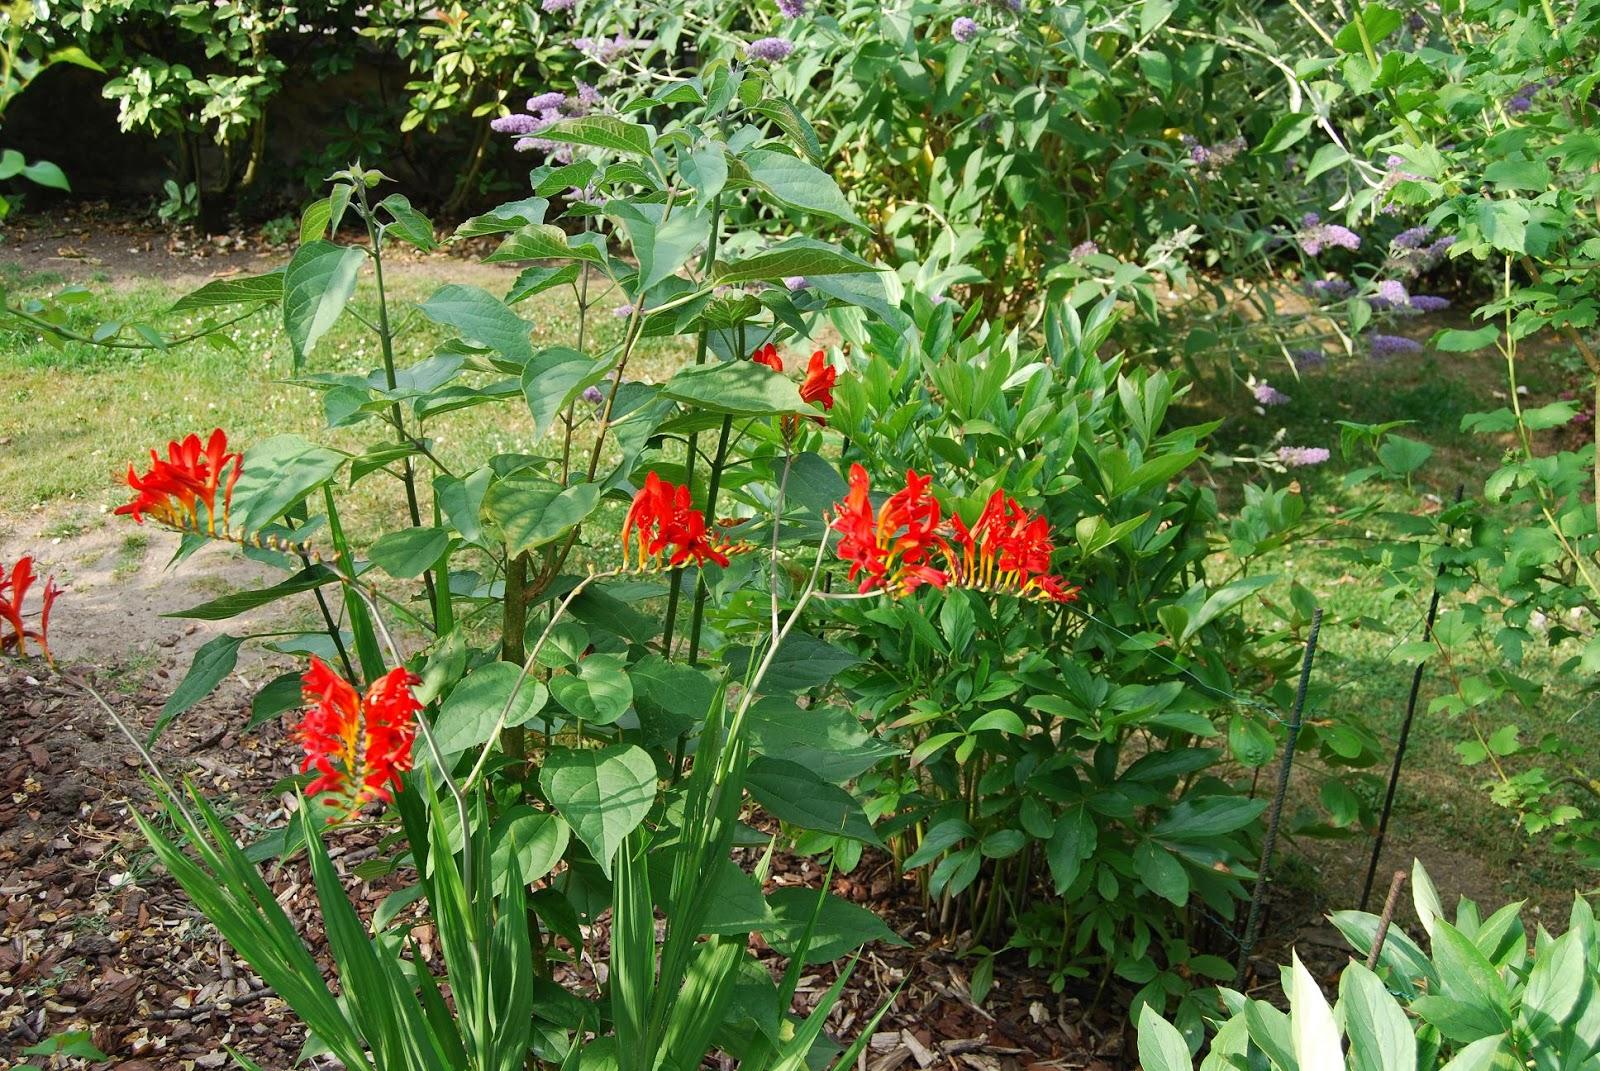 Le blog du jardin de maminou for Jardin 5 juillet biskra